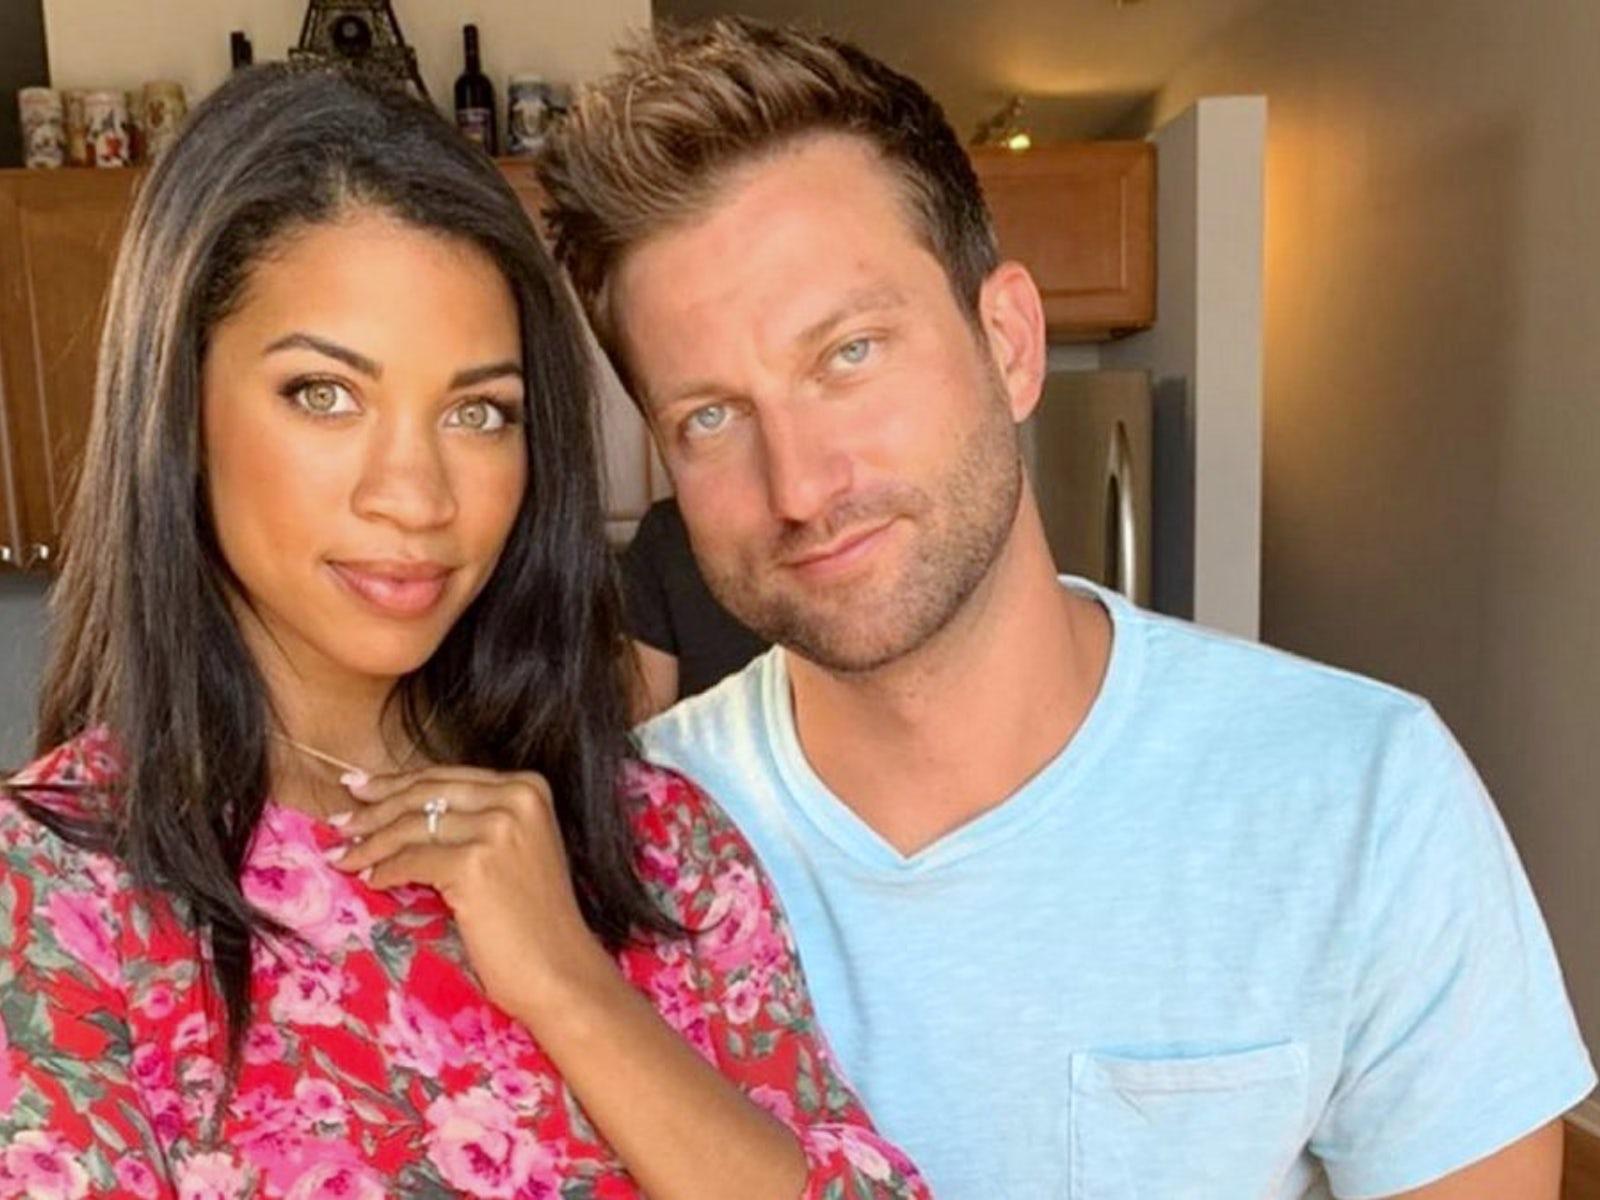 Bachelor Pad Chris och Sarah dating